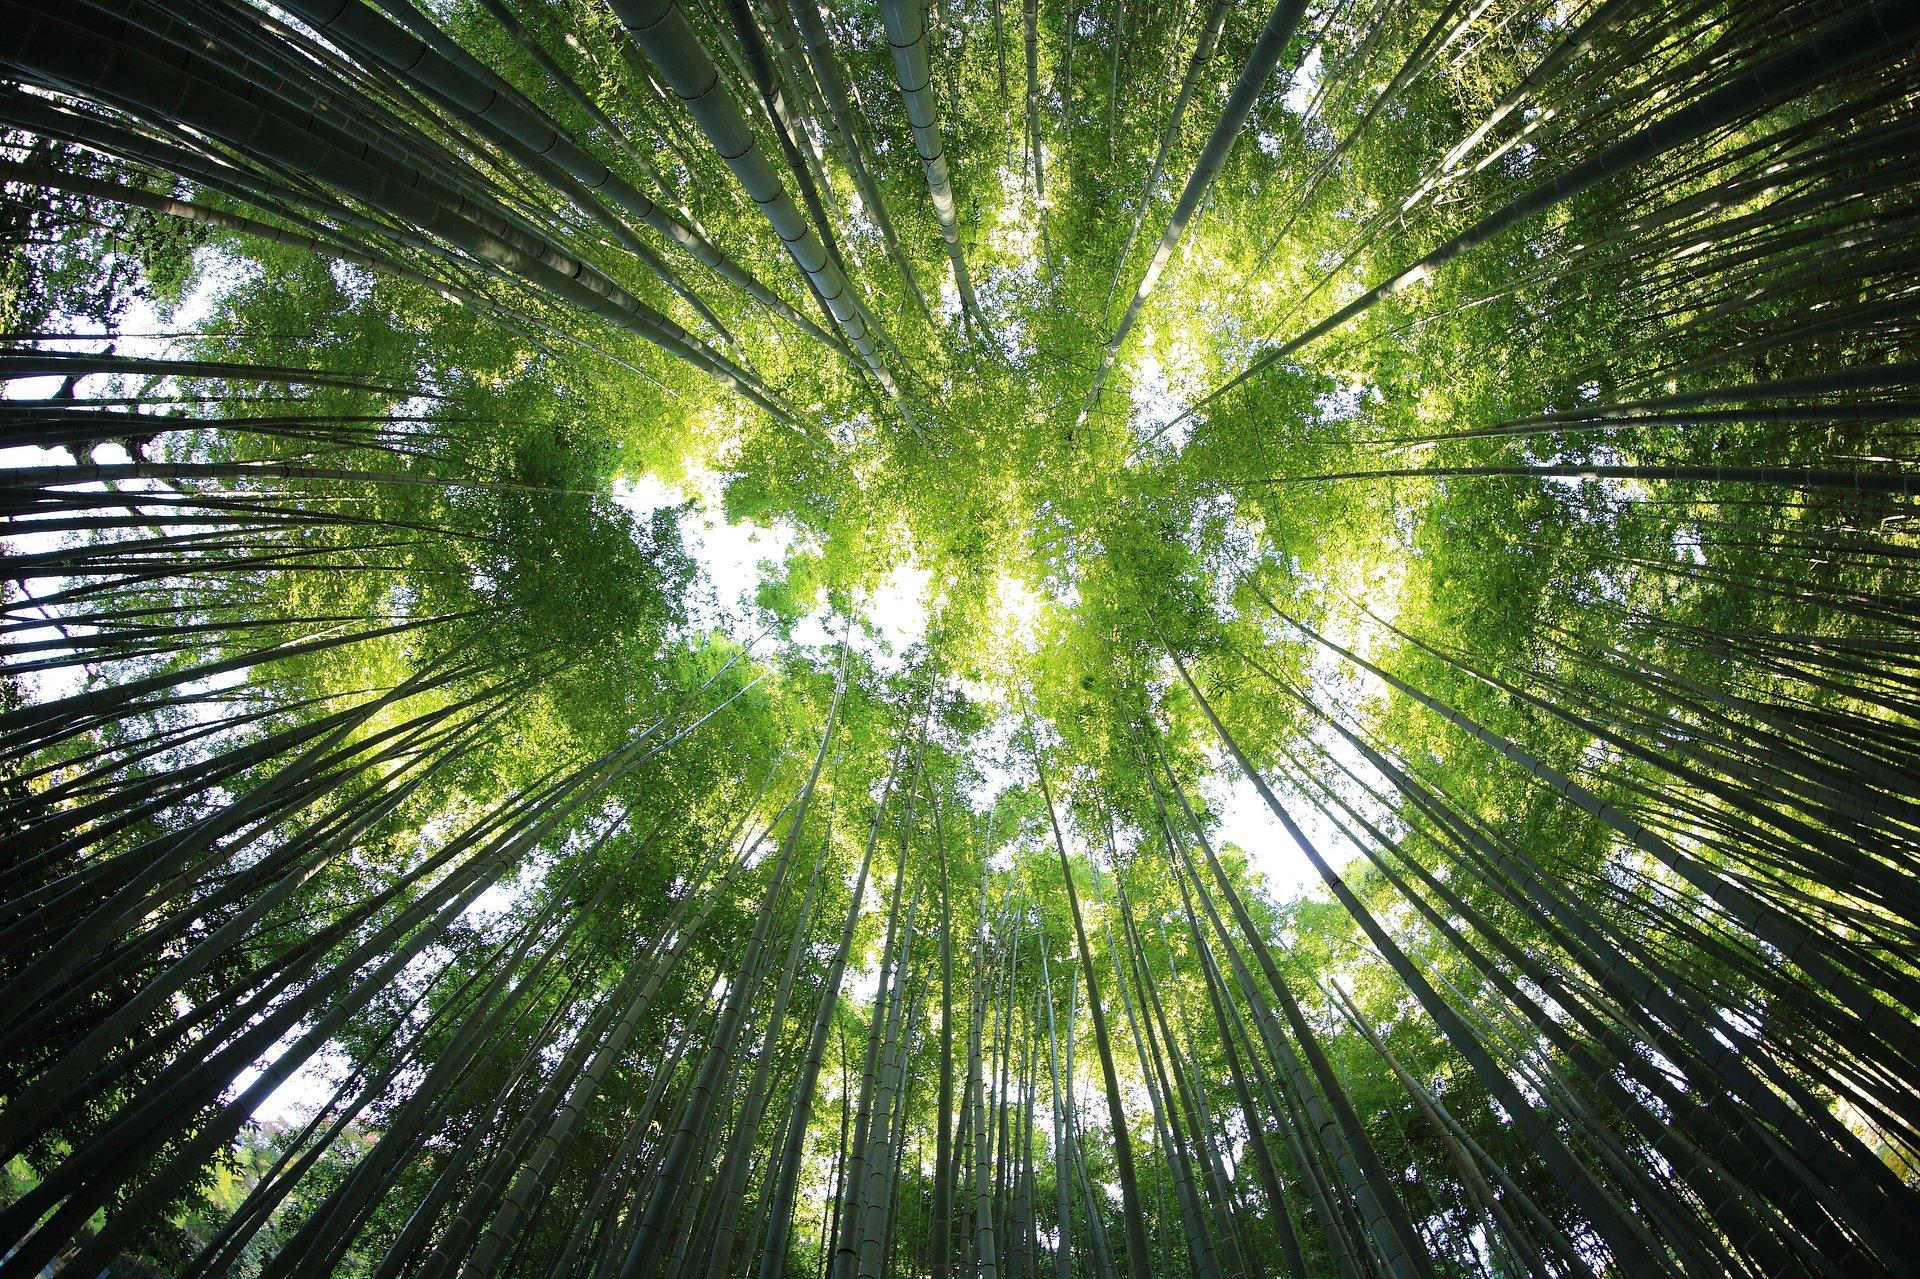 Castorama promuje odpowiedzialną gospodarkę leśną, biorąc udział w kolejnym Piątku FSC